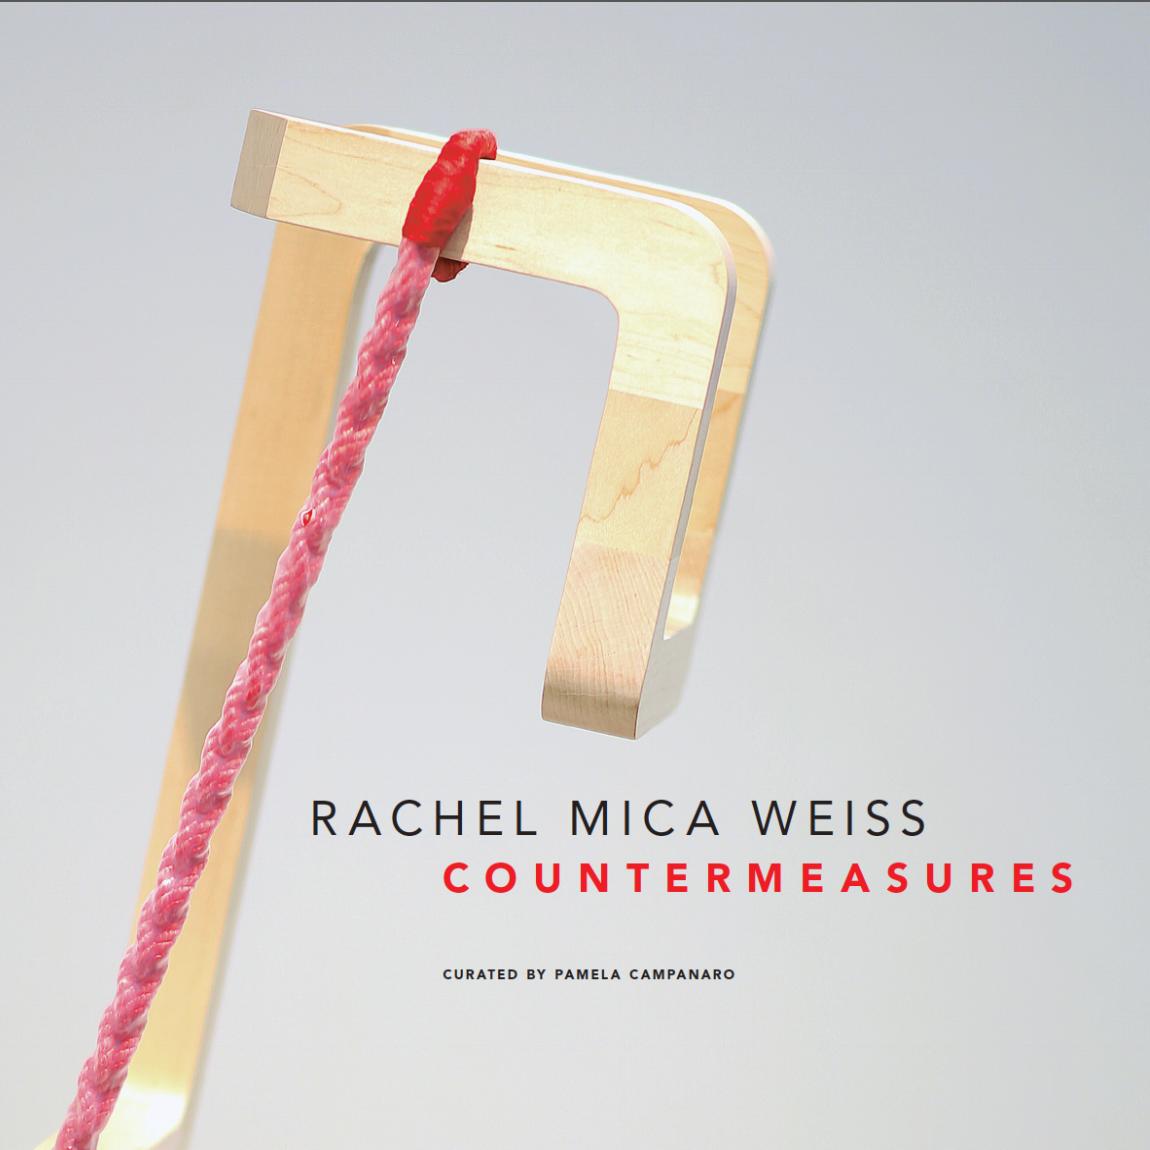 CounterMeasures Catalog